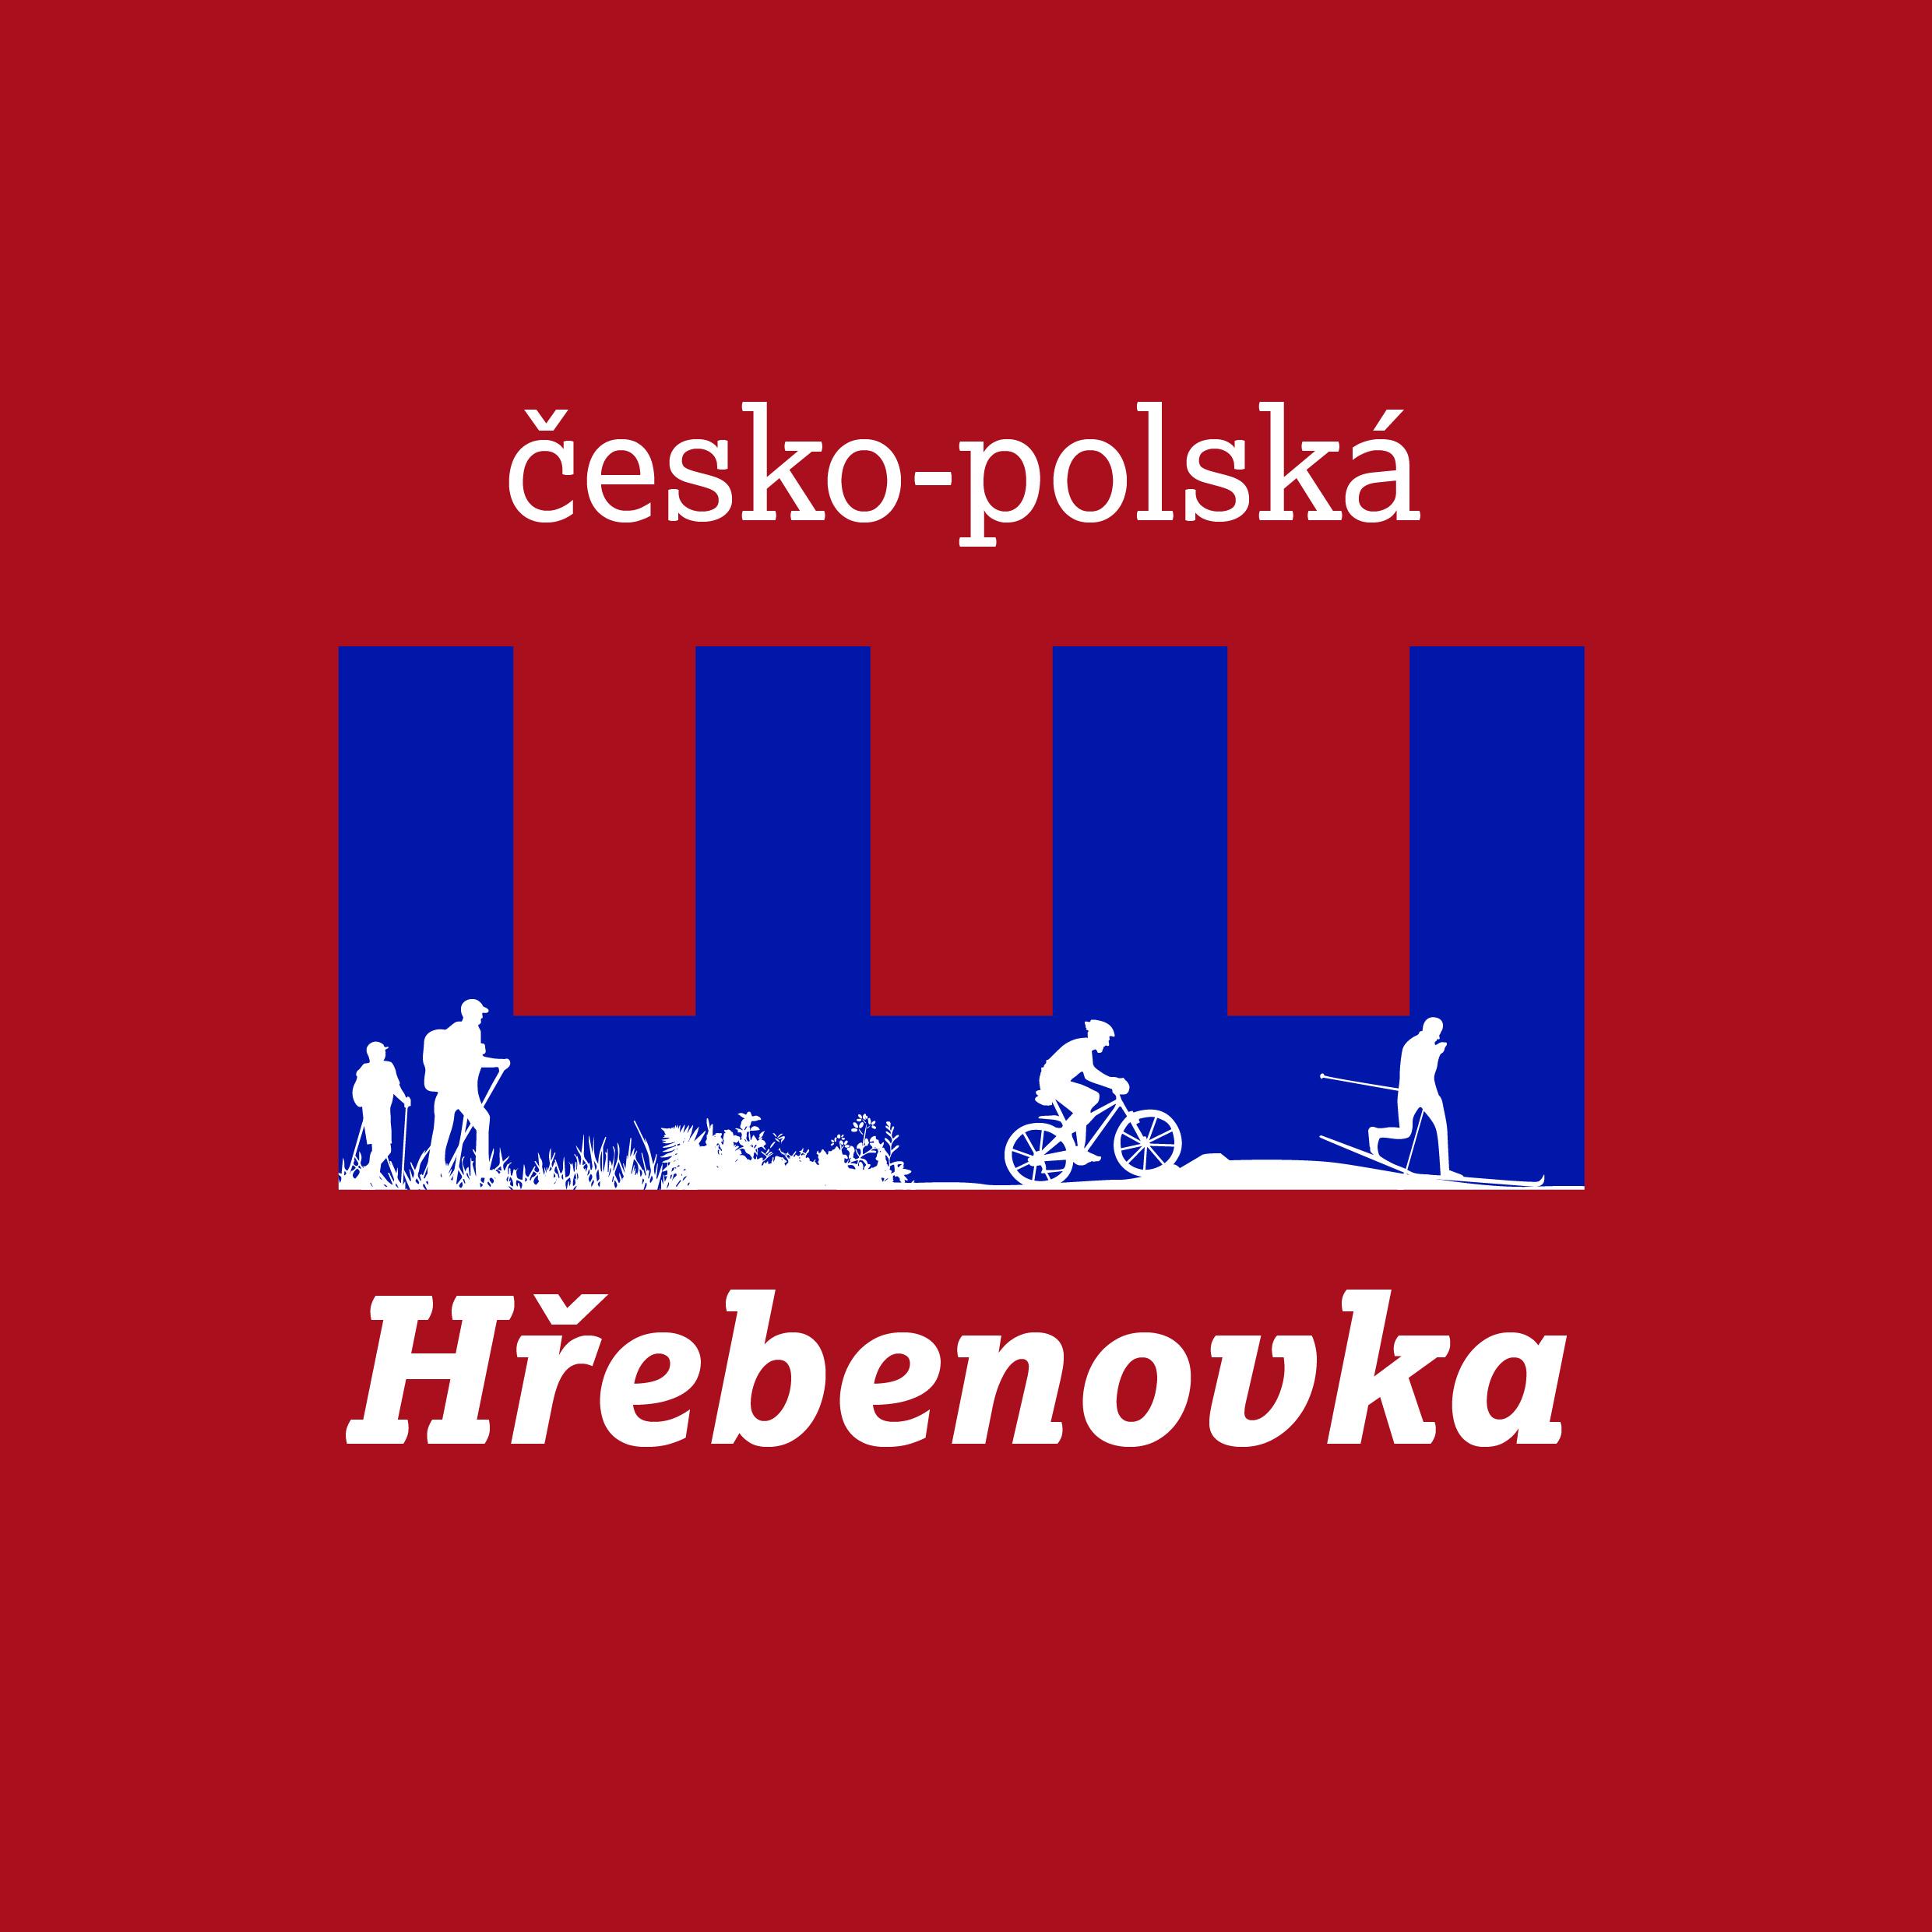 HrebenovkaLogo-02